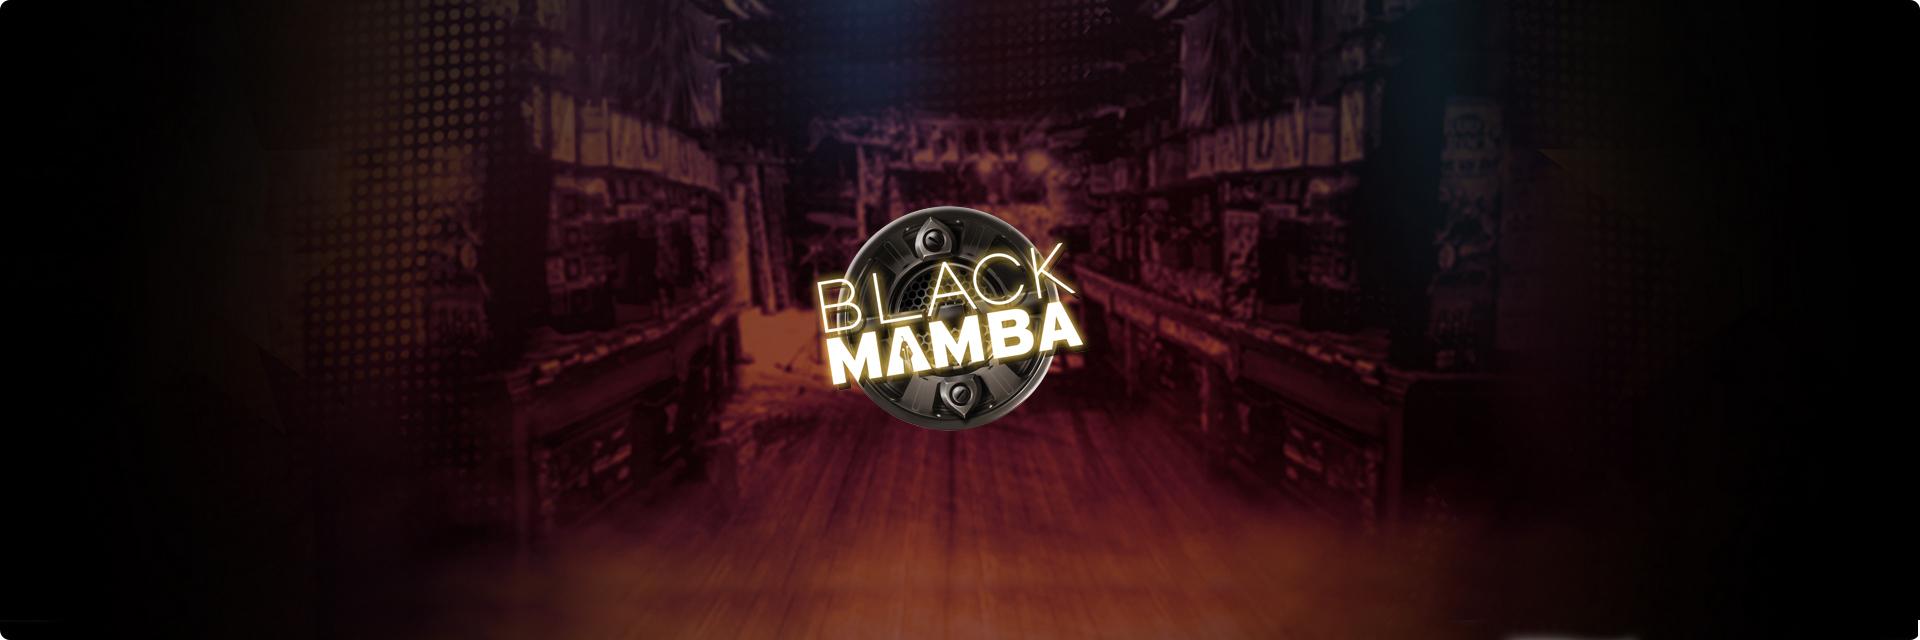 Black Mamba Slot Machine.